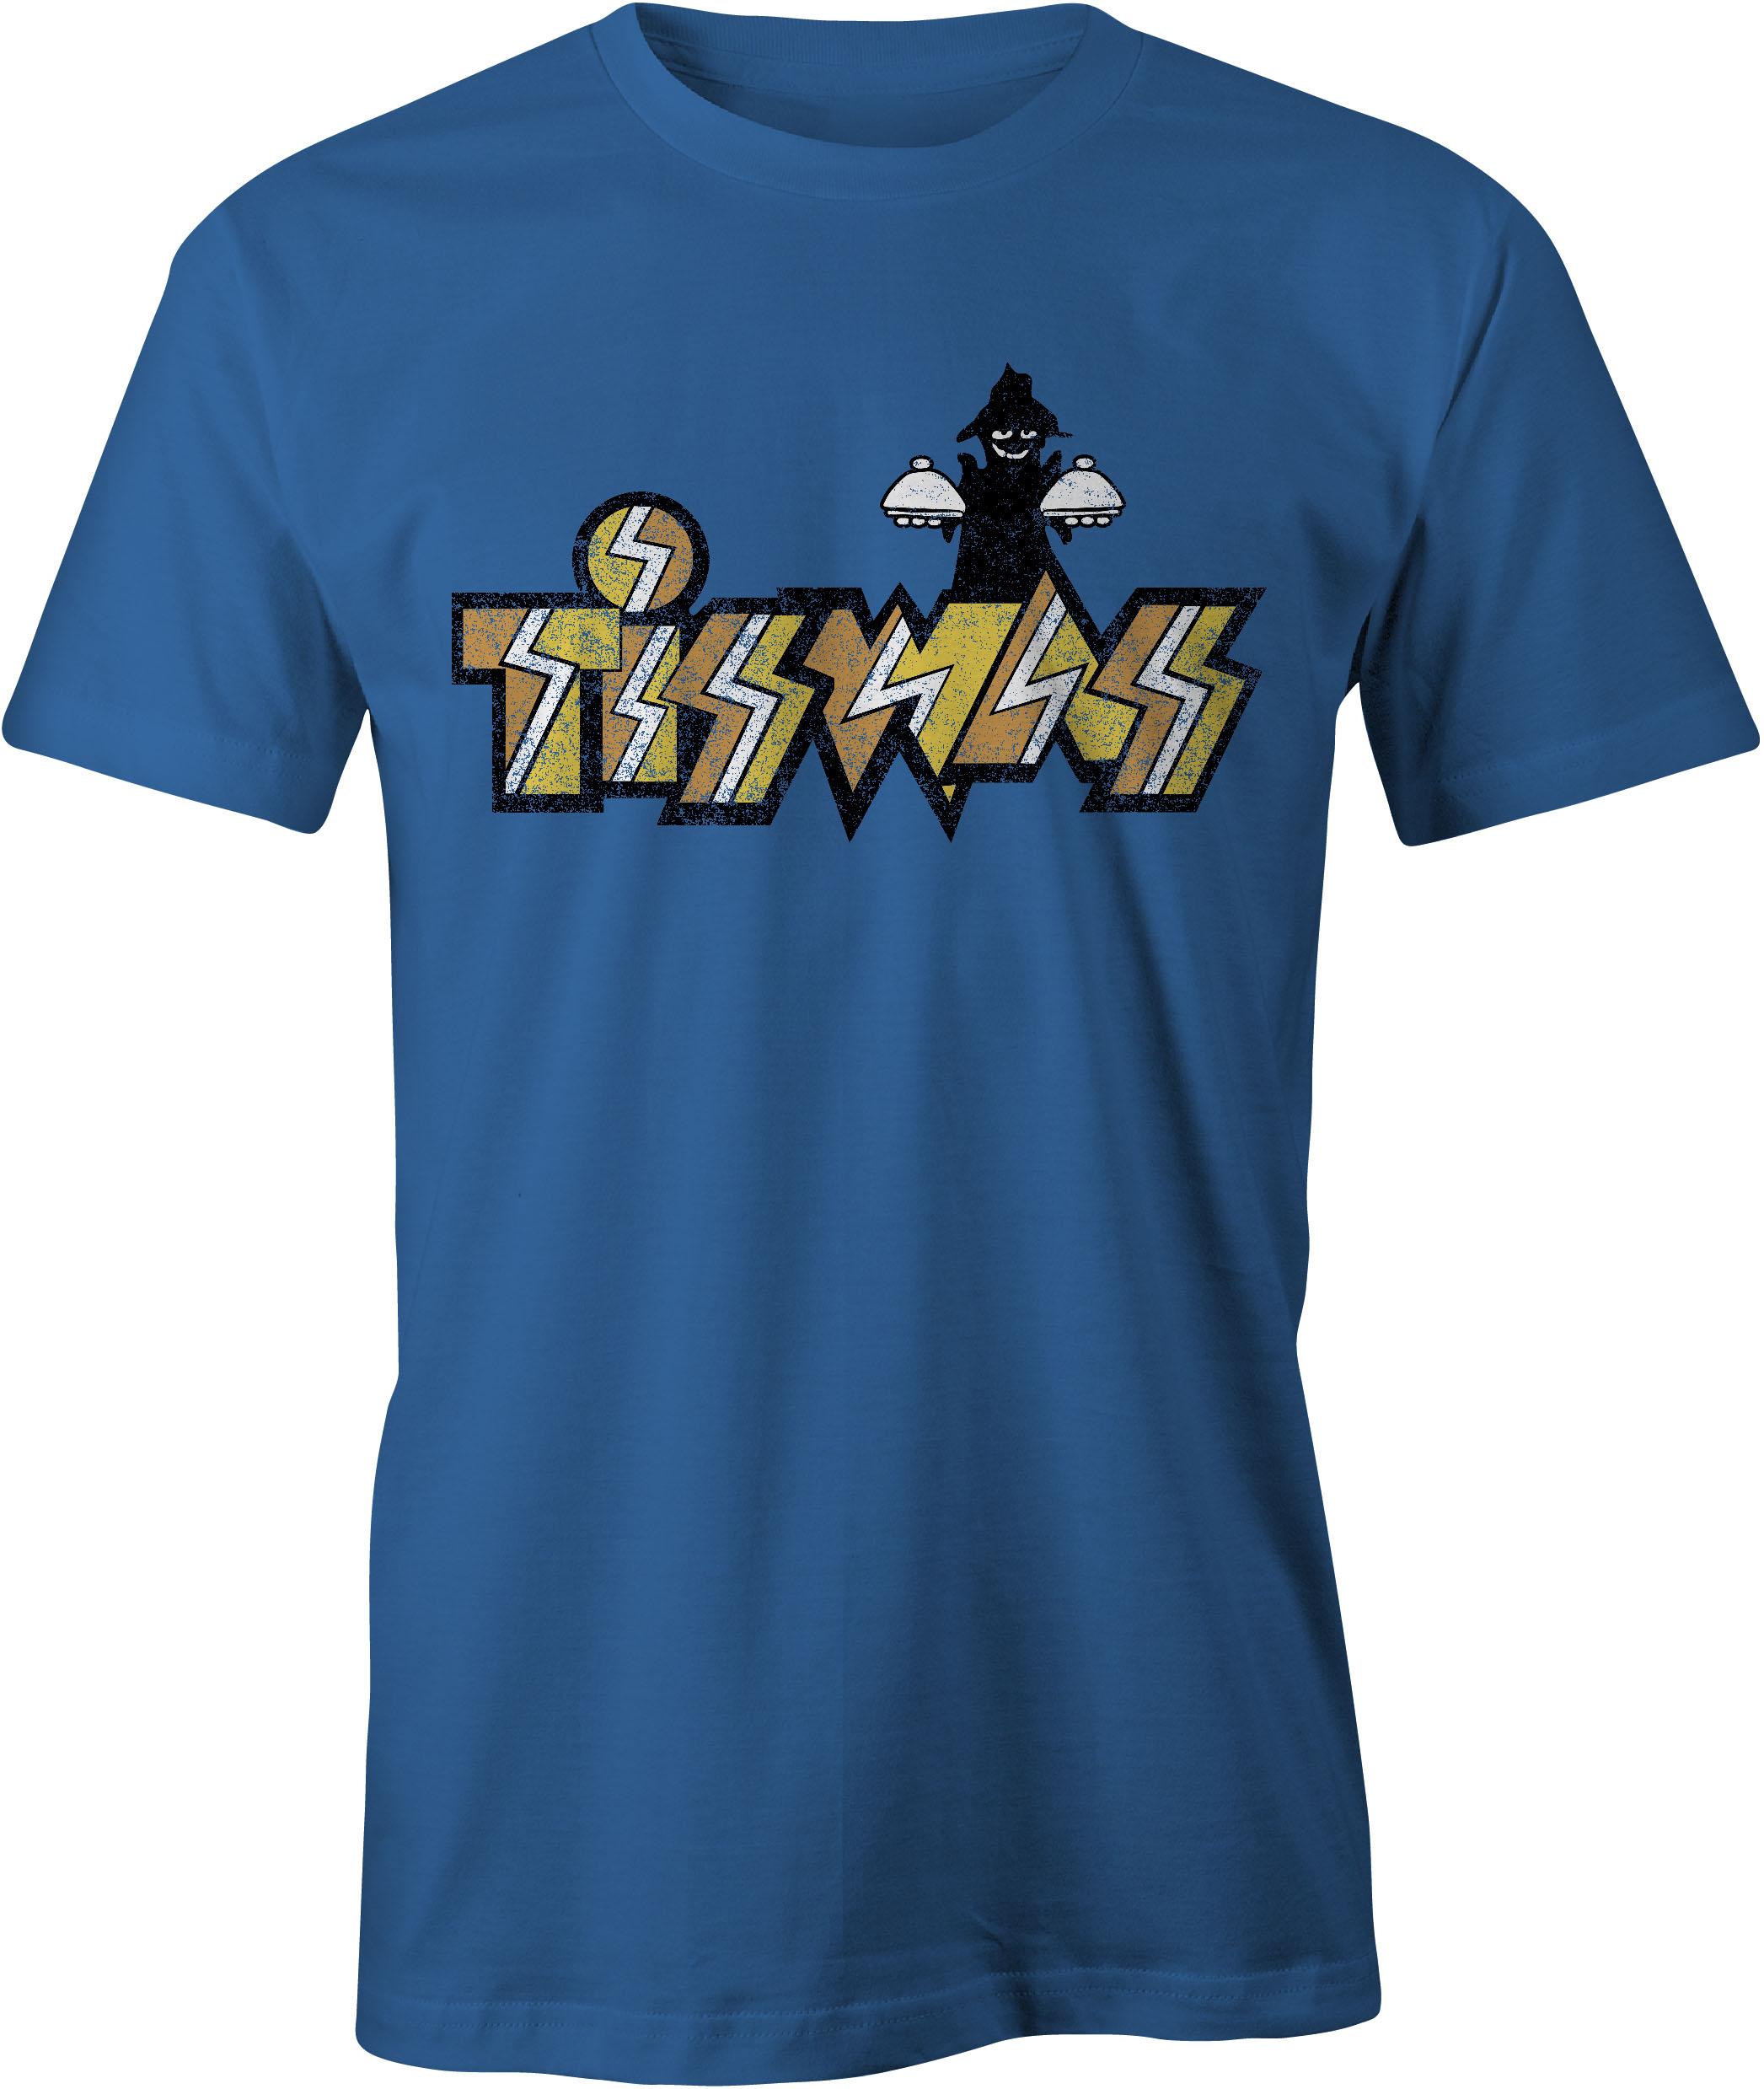 Tiswas T-Shirt Royal